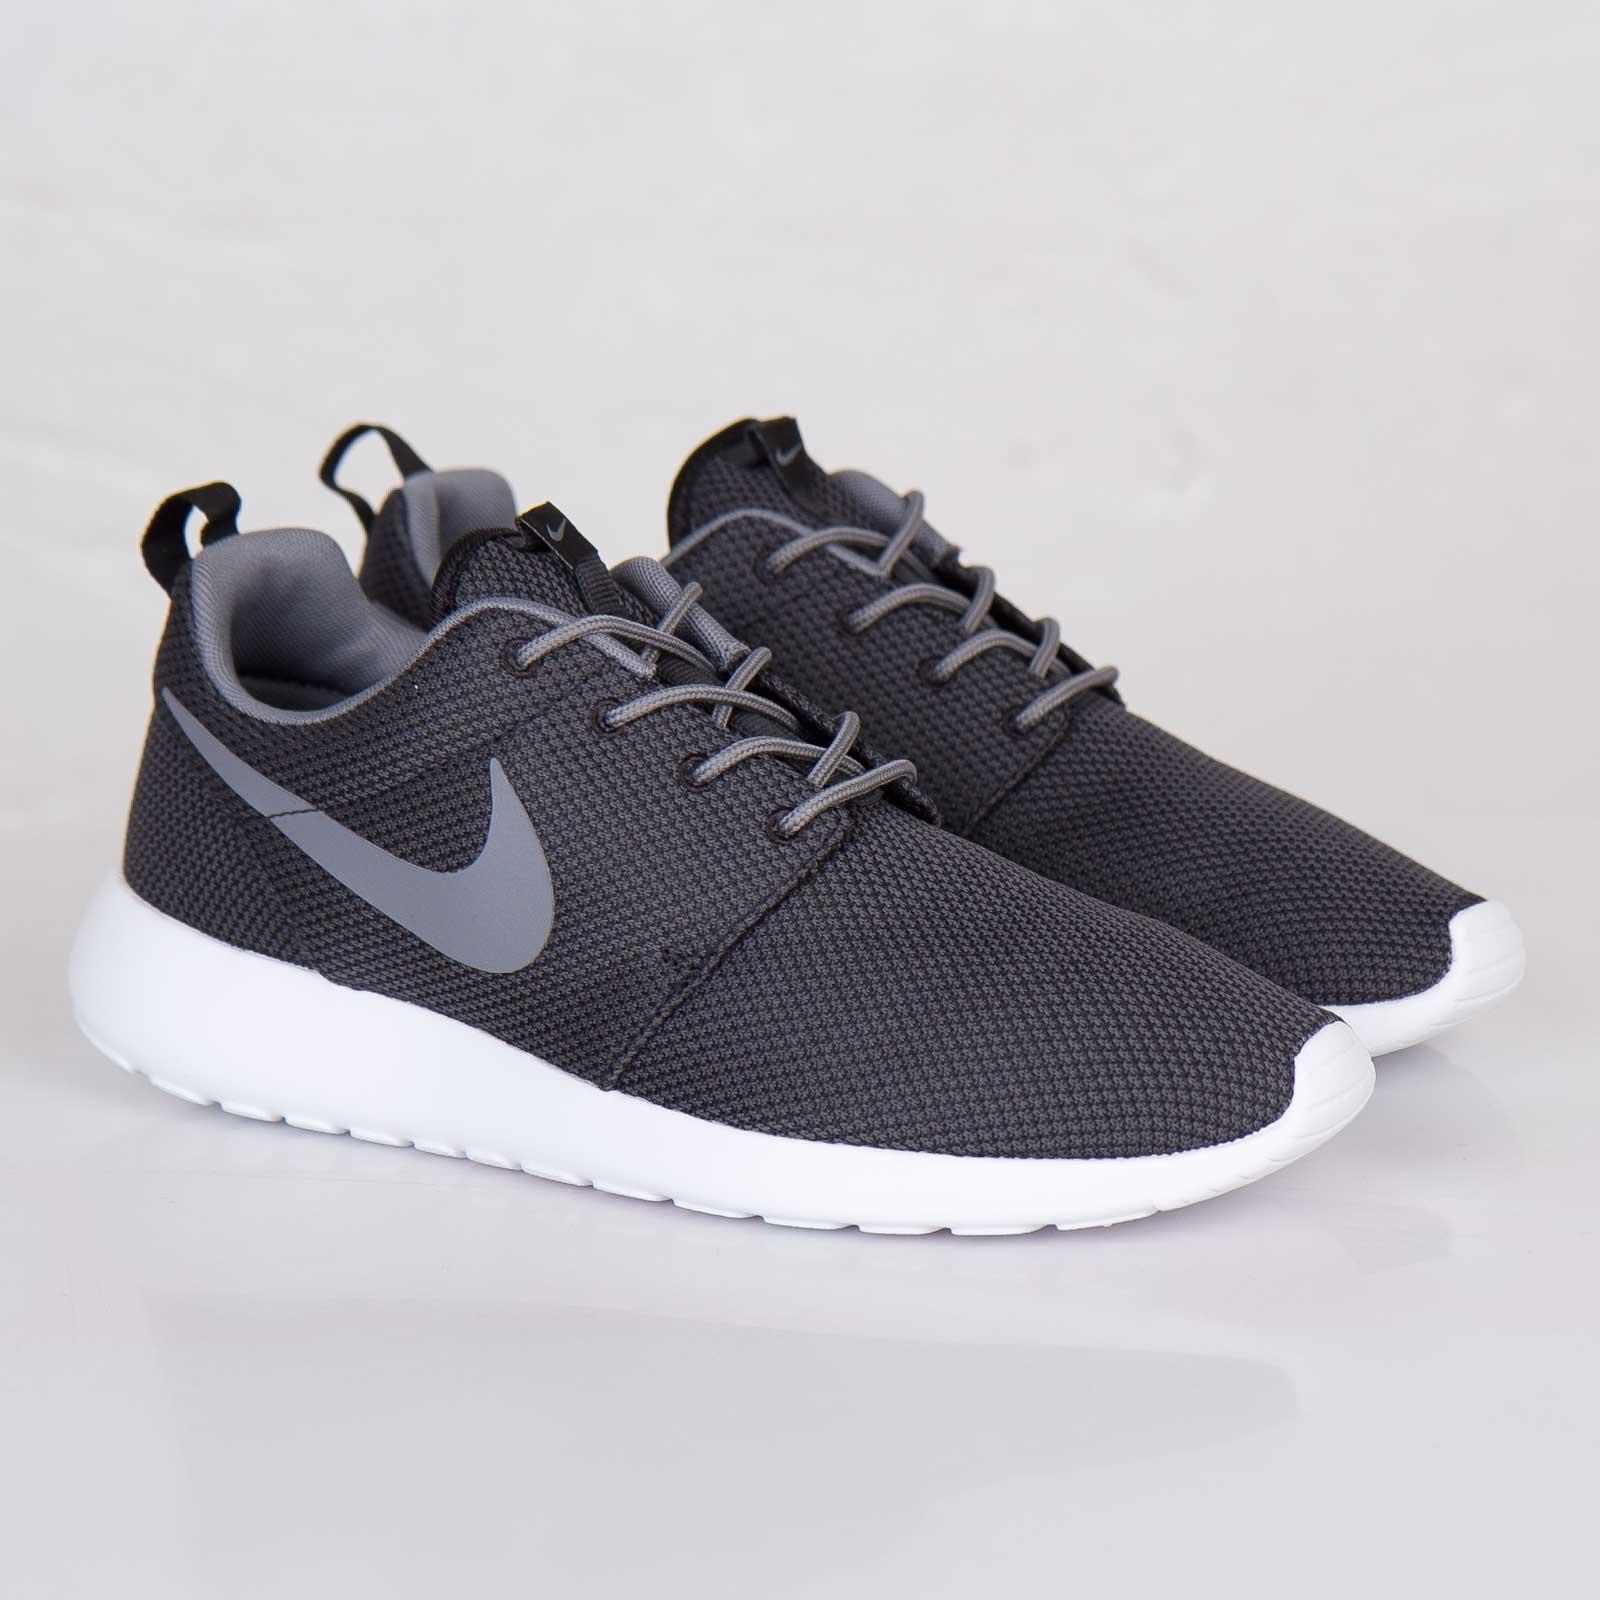 buy online 2bef9 35a3c Nike Roshe Run - 511881-011 - Sneakersnstuff   sneakers   streetwear ...